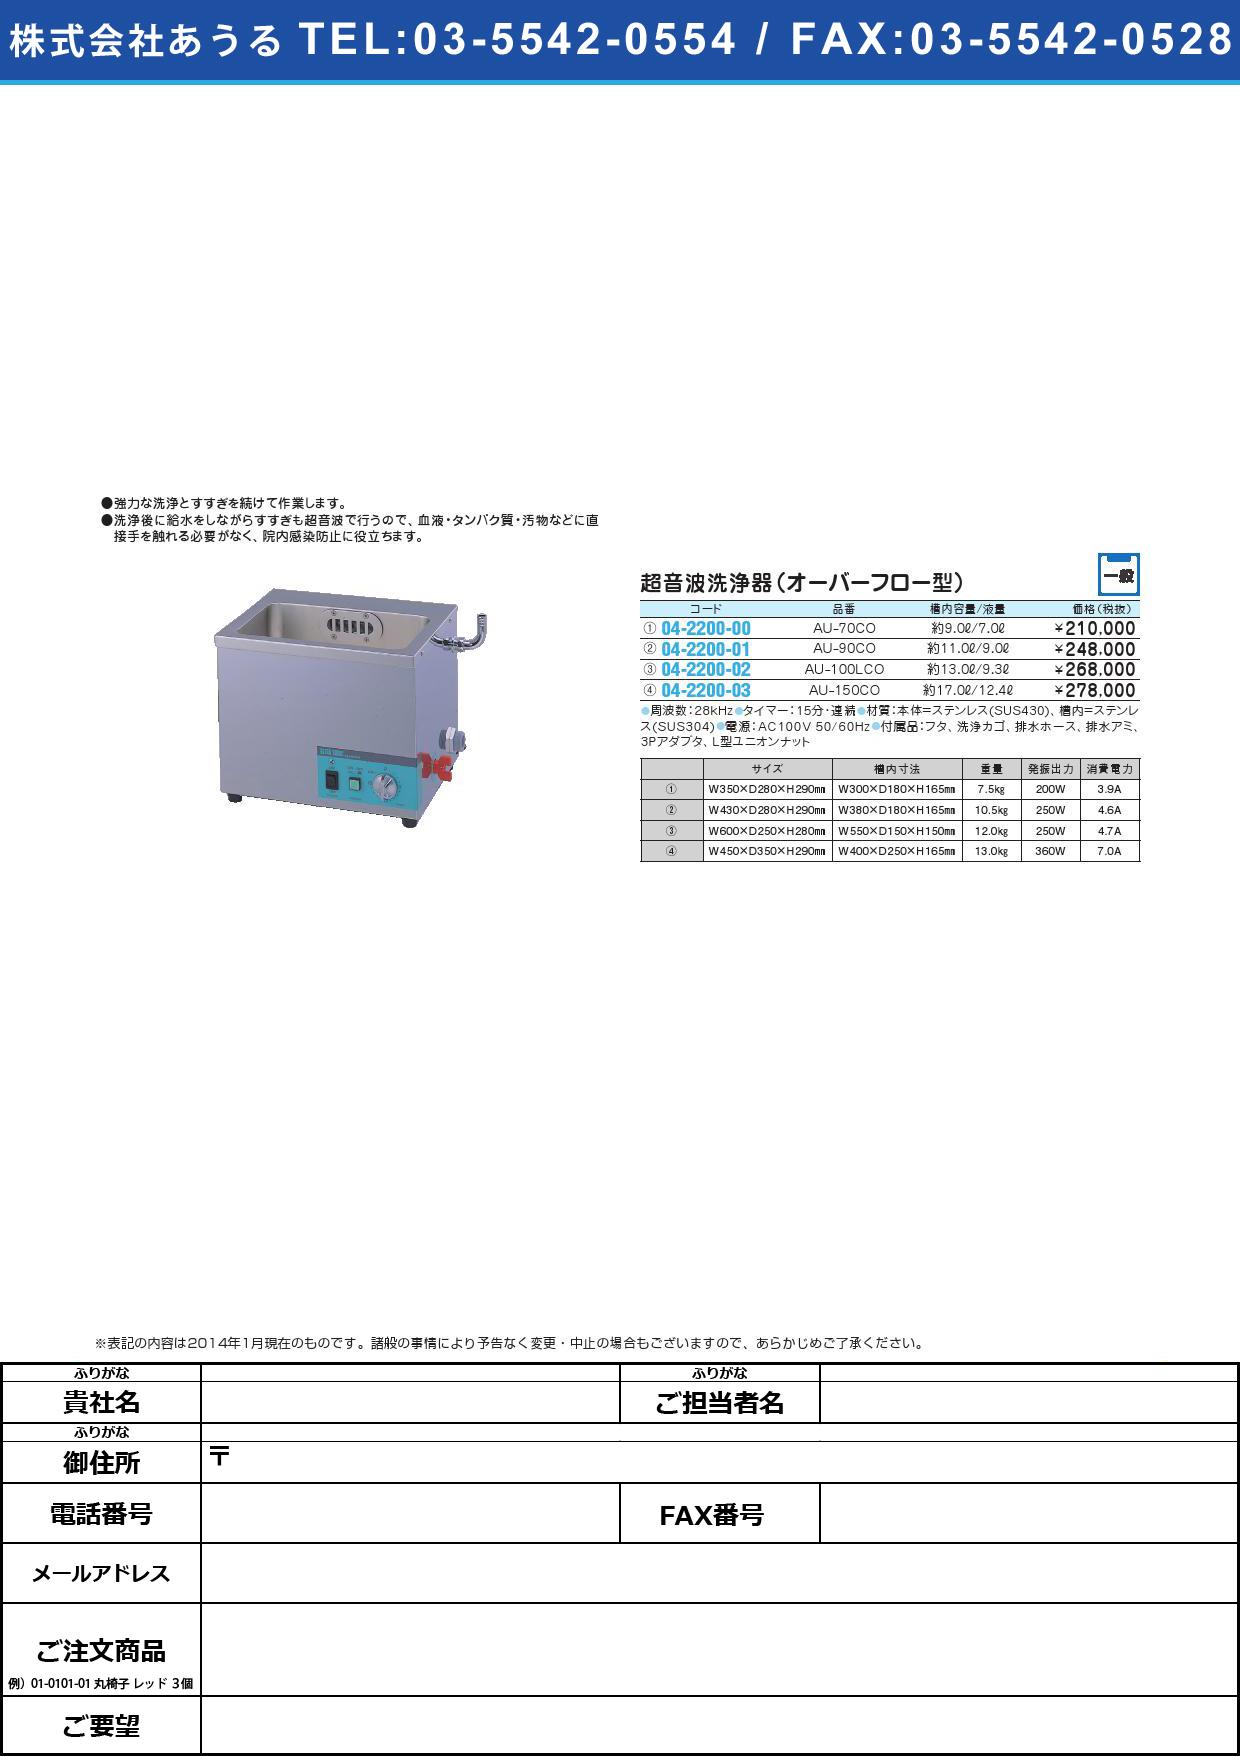 超音波洗浄器(オーバーフロー型) チョウオンパセンジョウキ(04-2200-02)AU-100LCO【1台単位】